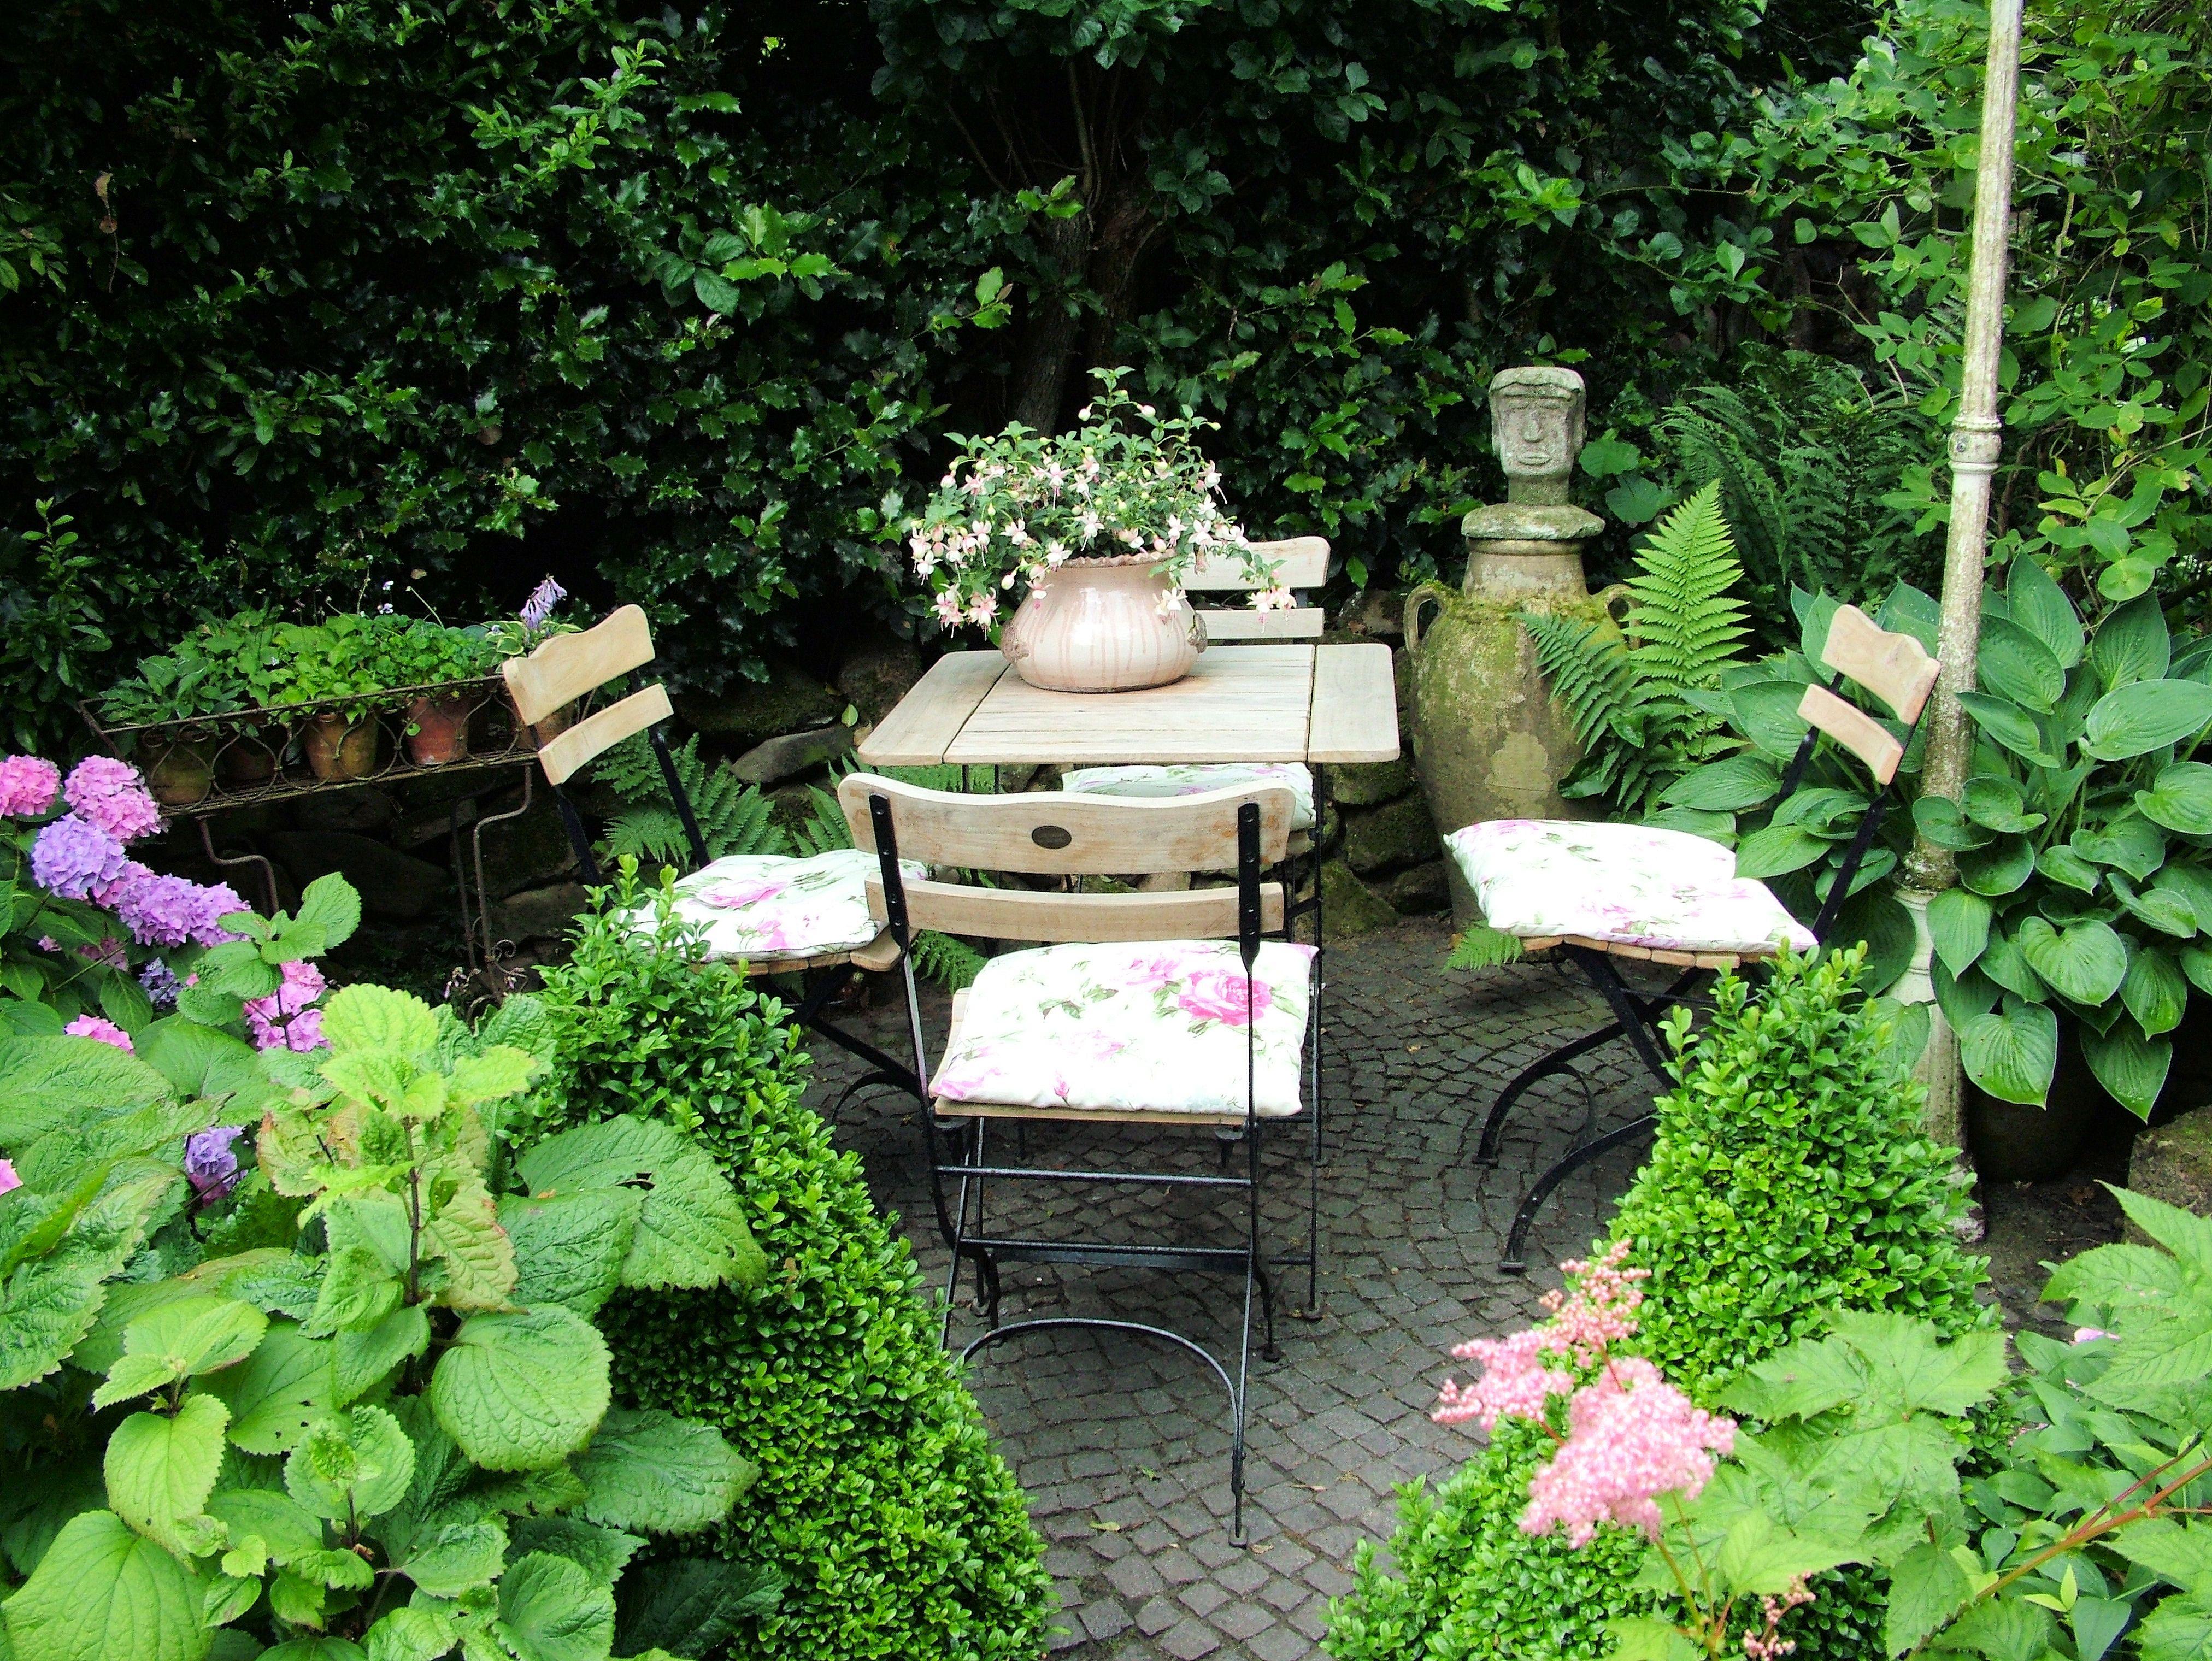 Verborgene Sitzecke | Garten | Pinterest | Sitzecke, Balkon und Gärten